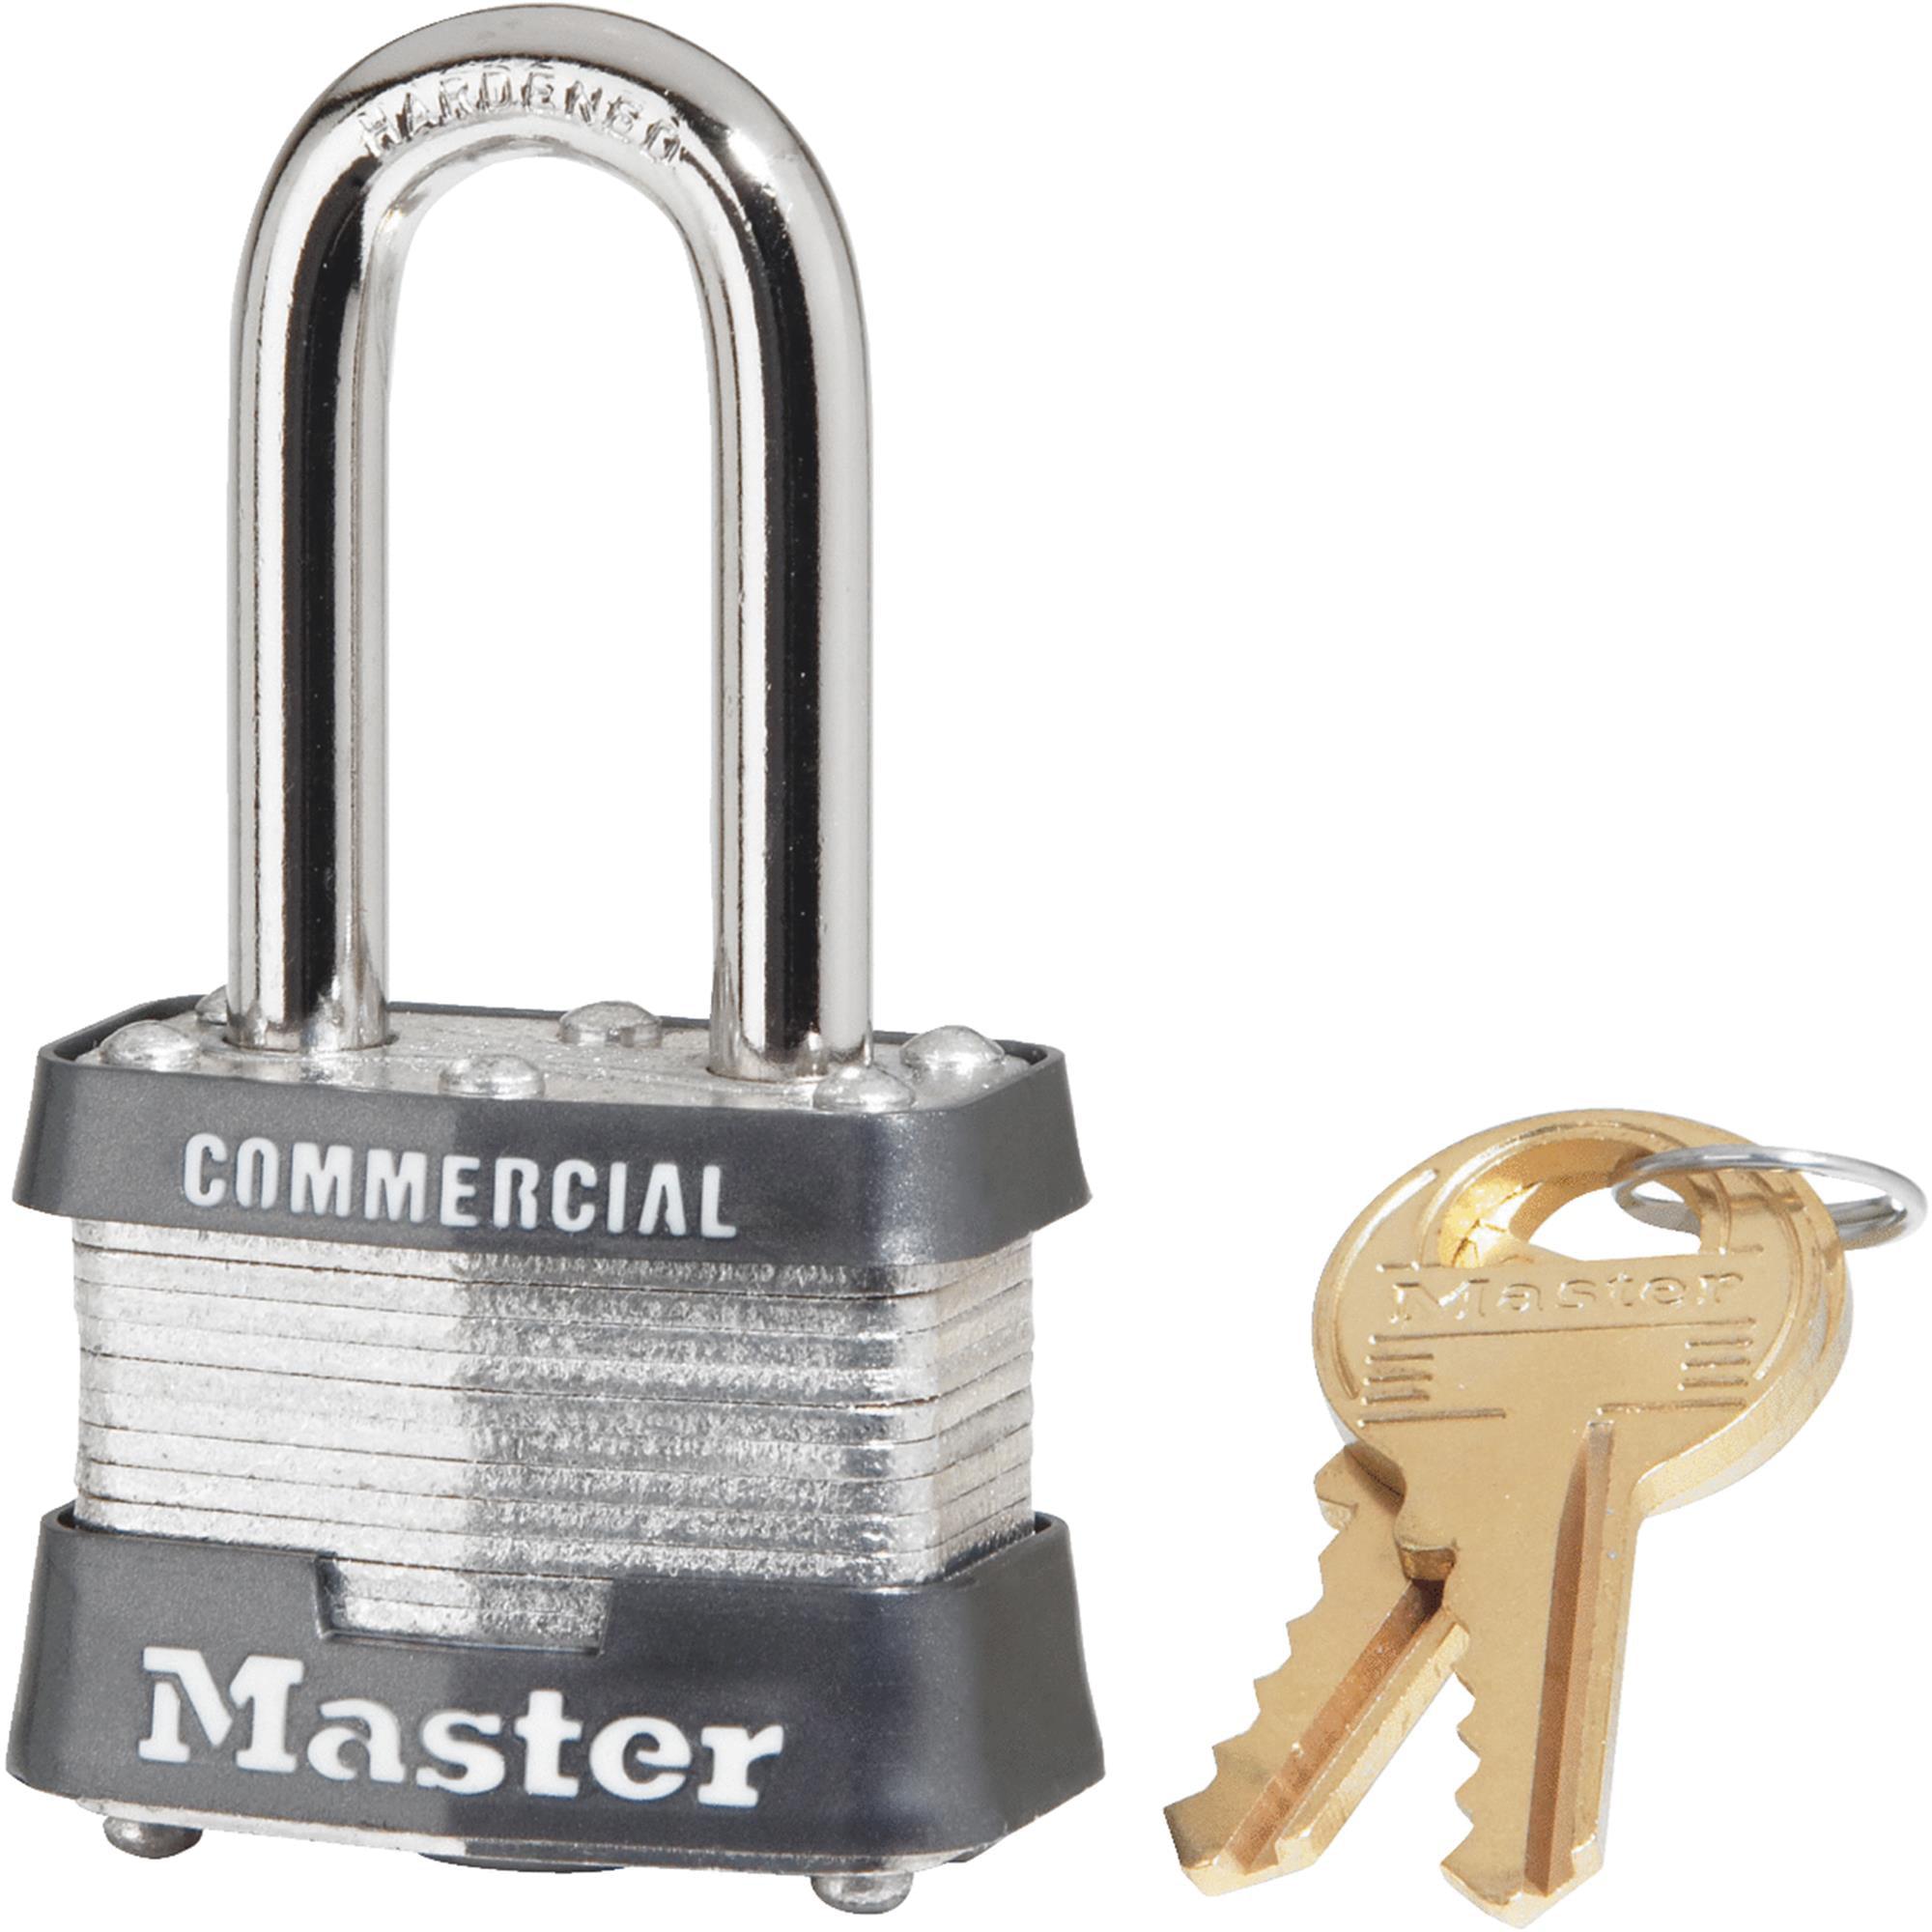 Master Lock 1-1/2 In. Wide 4-Pin Tumbler Keyed Padlock